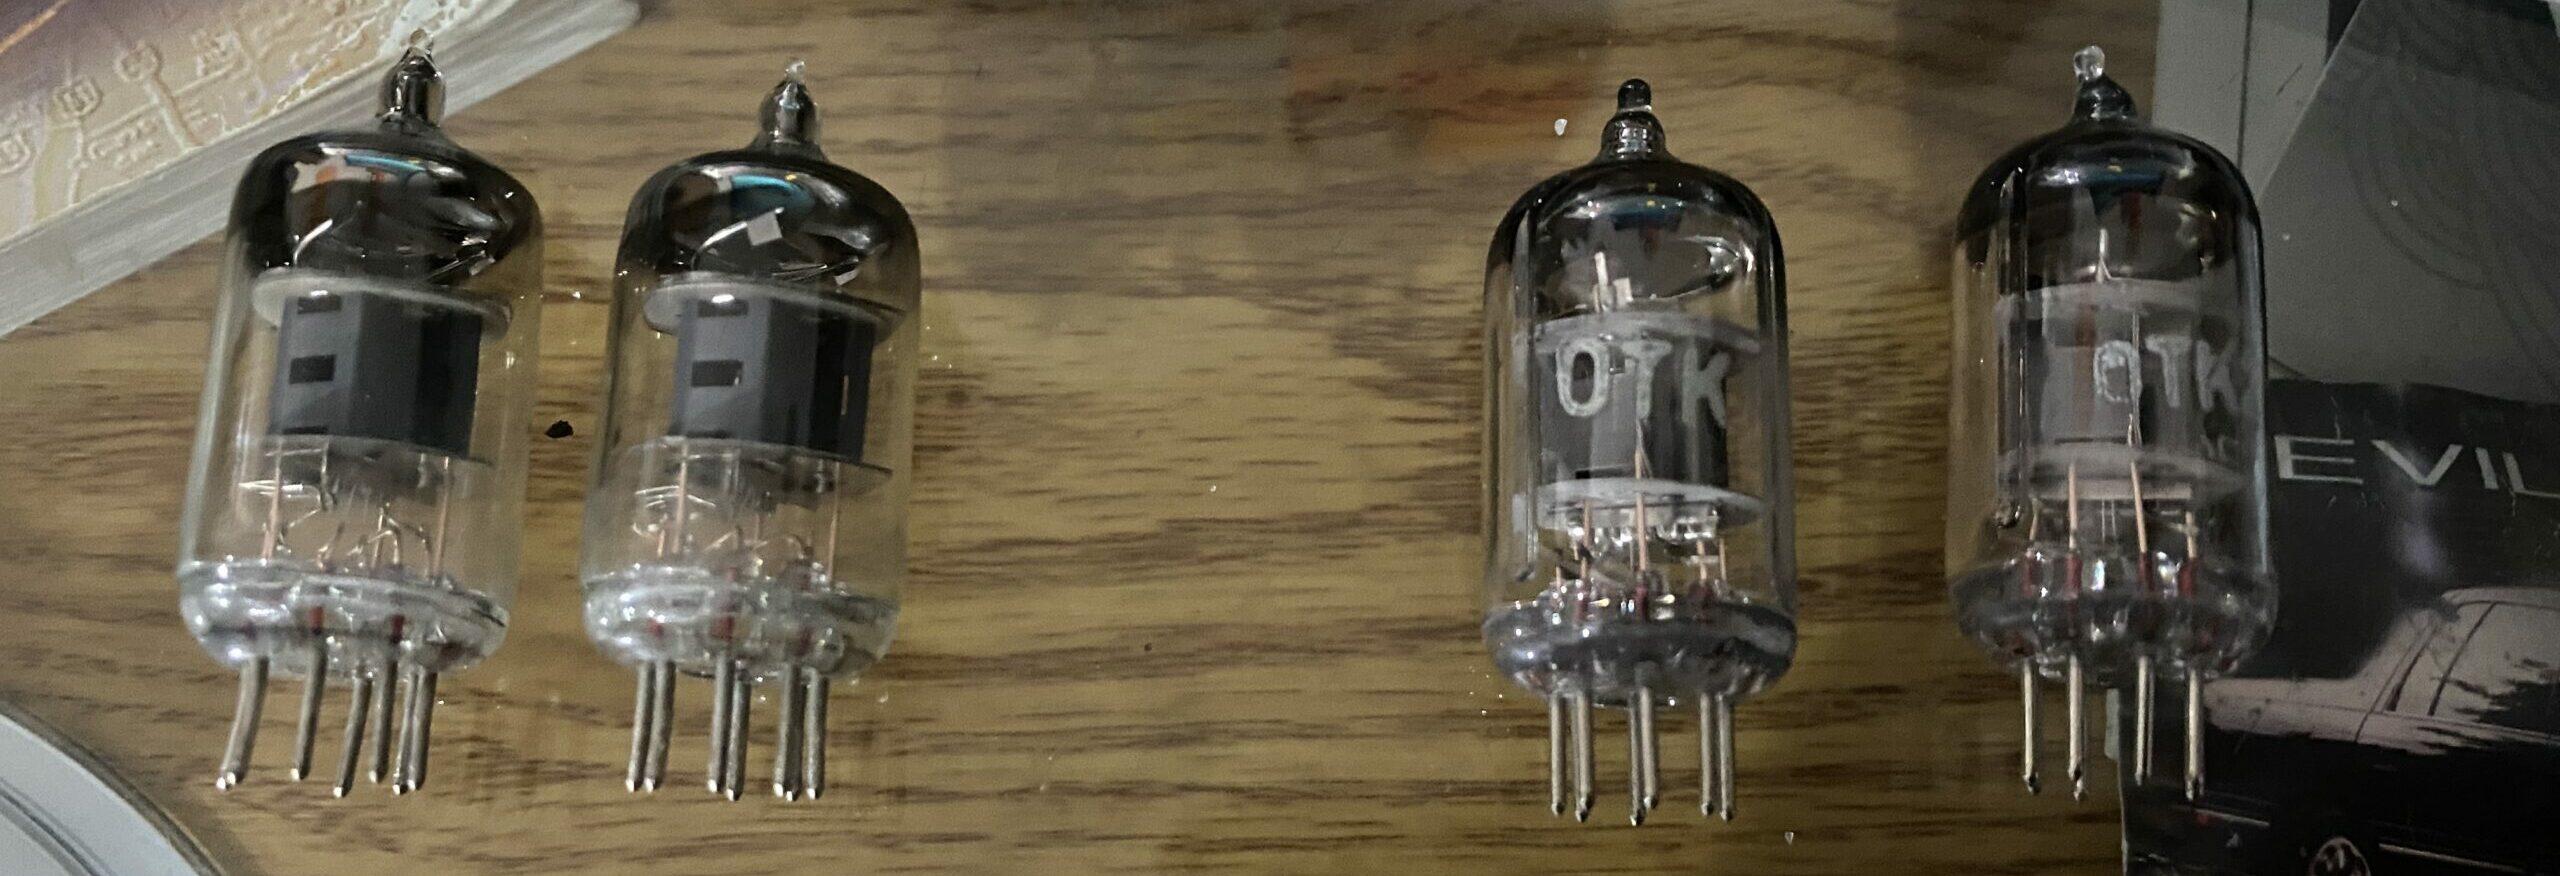 Stock 6J1 Tubes (Left) VS Voskhod 6J1P-EV Tubes (Right)